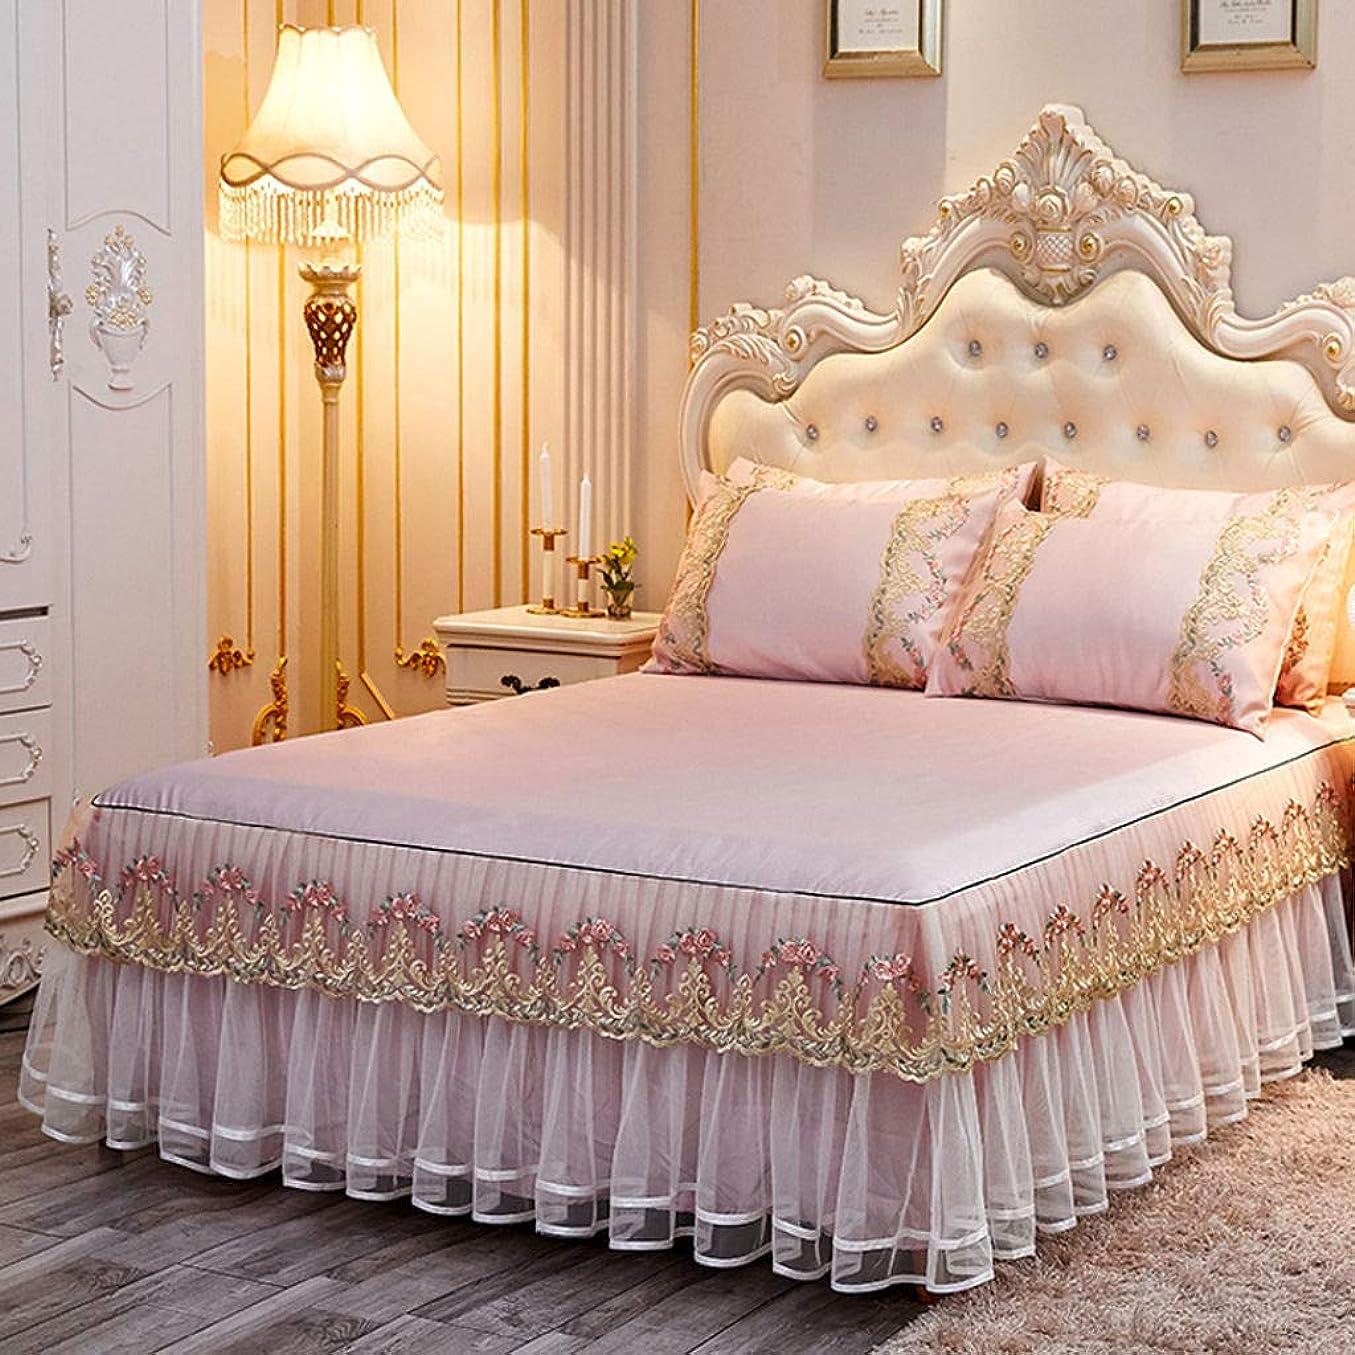 中止します海外レンジレース クール ベッド スカート,キルティング ウルトラ-柔らかい ベッドスプレッド カバーレット プリーツ ほこり ラッフル しわ そして フェード 抵抗力がある ドロップ ベッド スカート-翡翠-150×200センチメートル(59×79で)